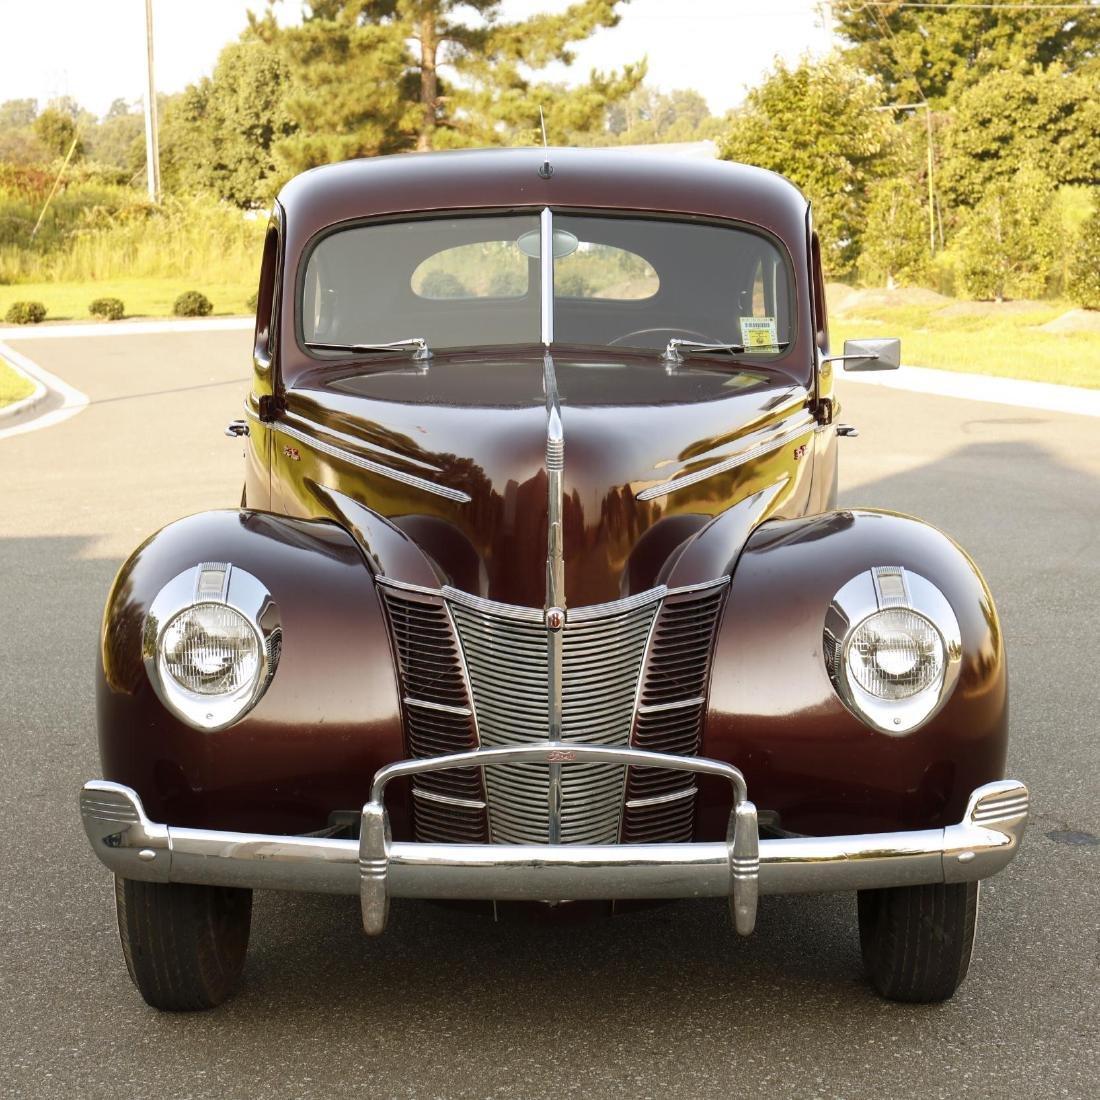 1940 Ford Deluxe Fordor Sedan - 3